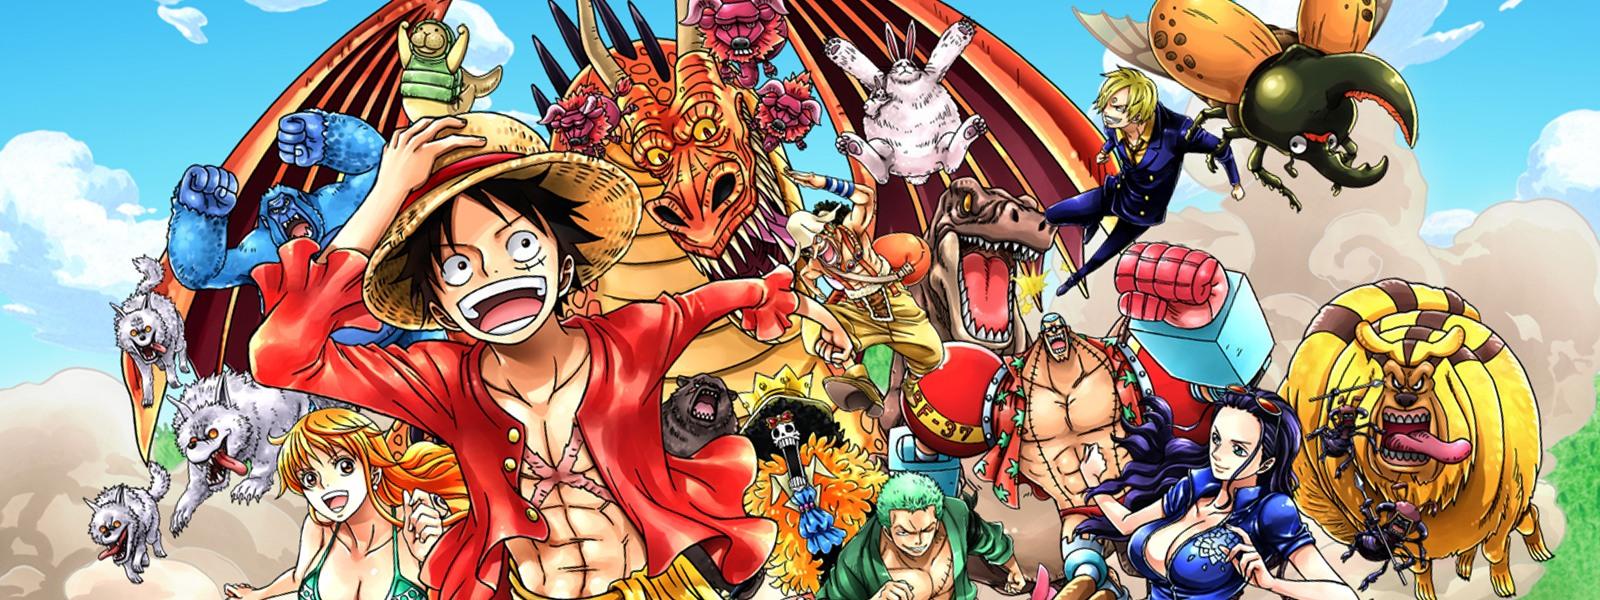 One Piece  Toonami Wiki  FANDOM powered by Wikia